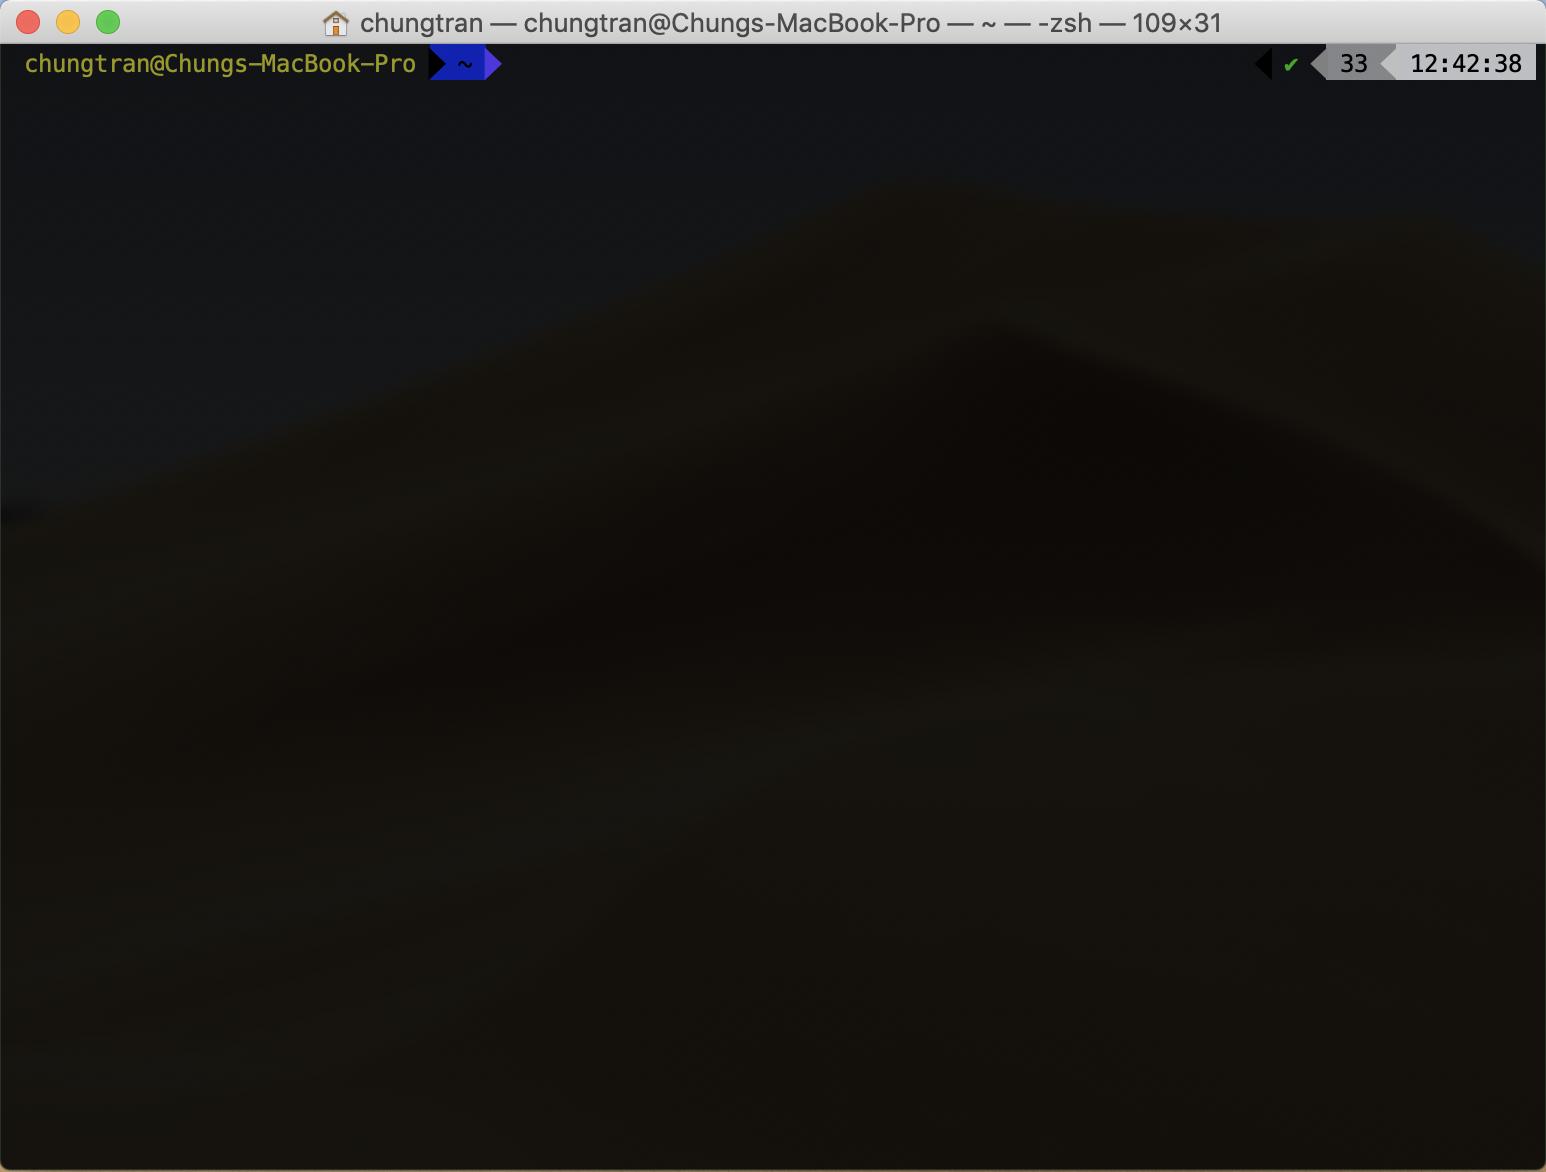 Thiết lập trên MacOS: Terminal